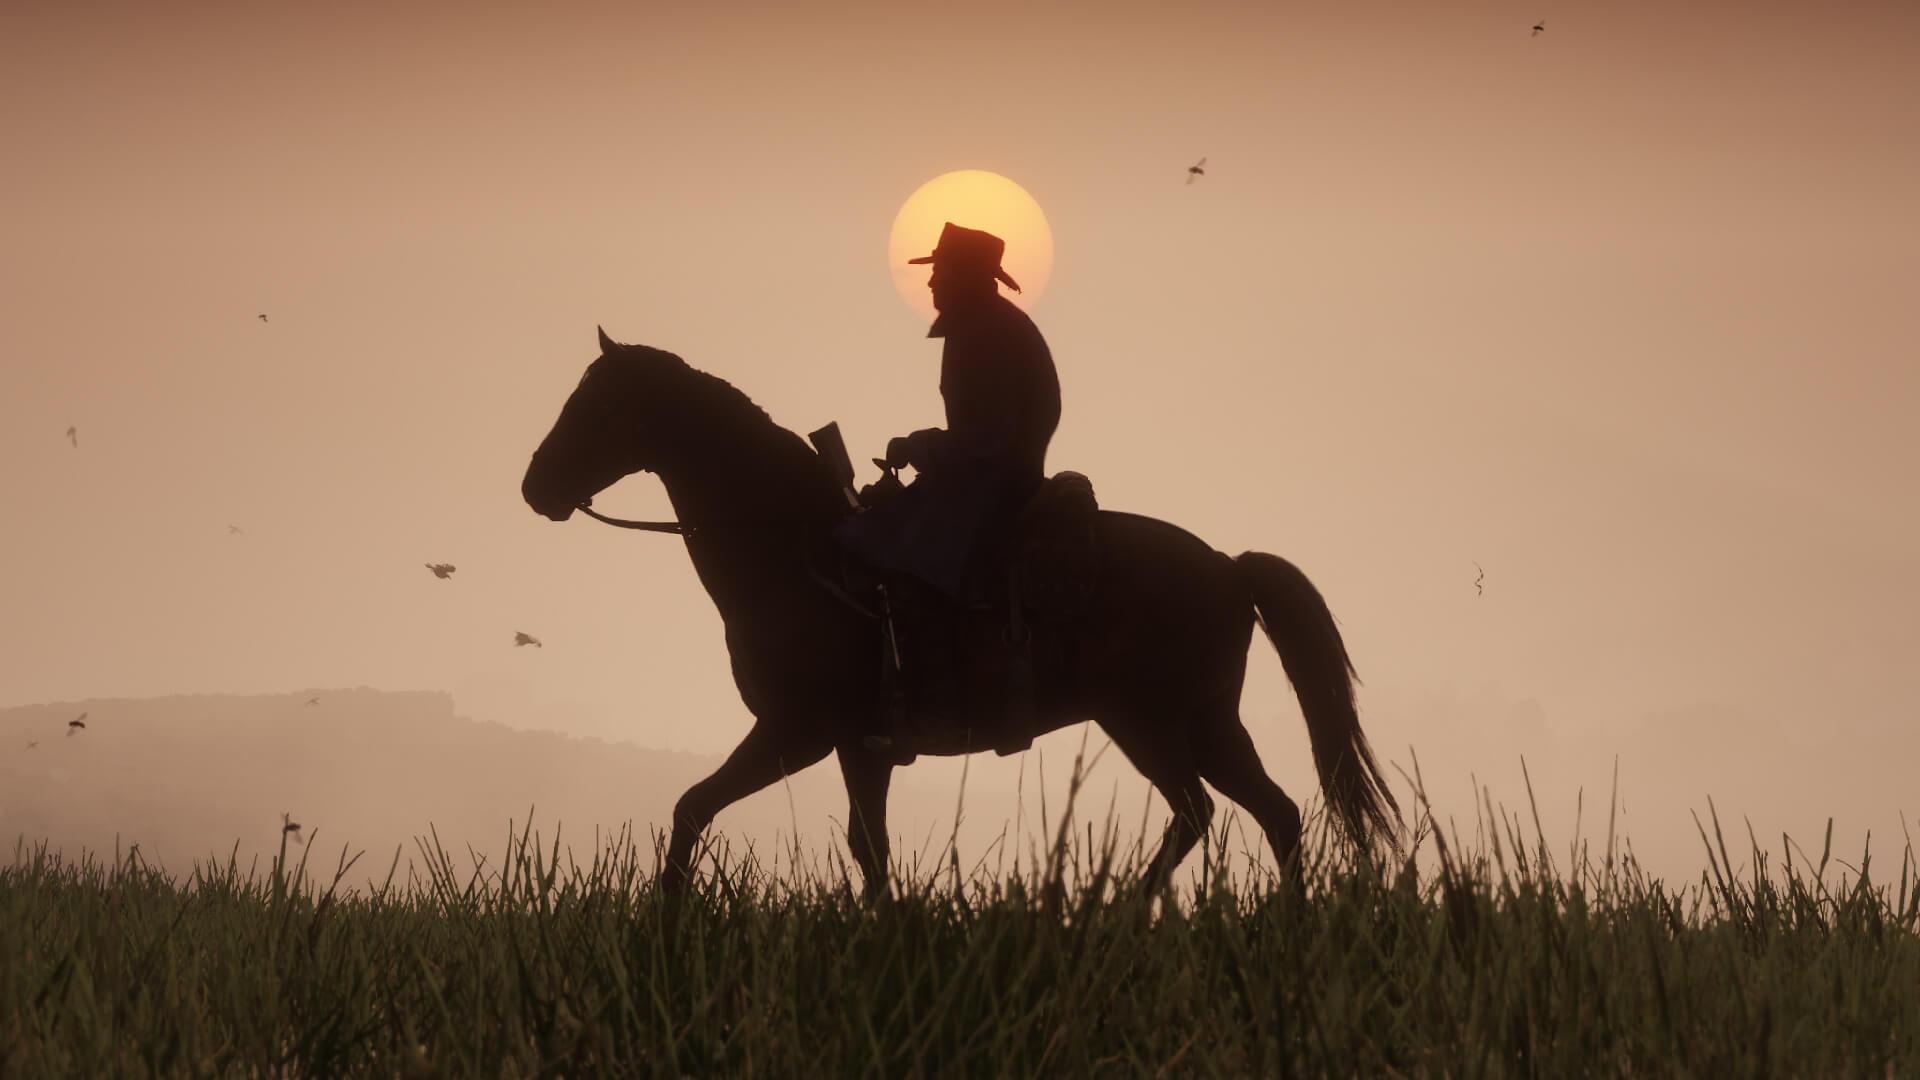 Стала известна официальная дата выхода игры Red Dead Redemption 2